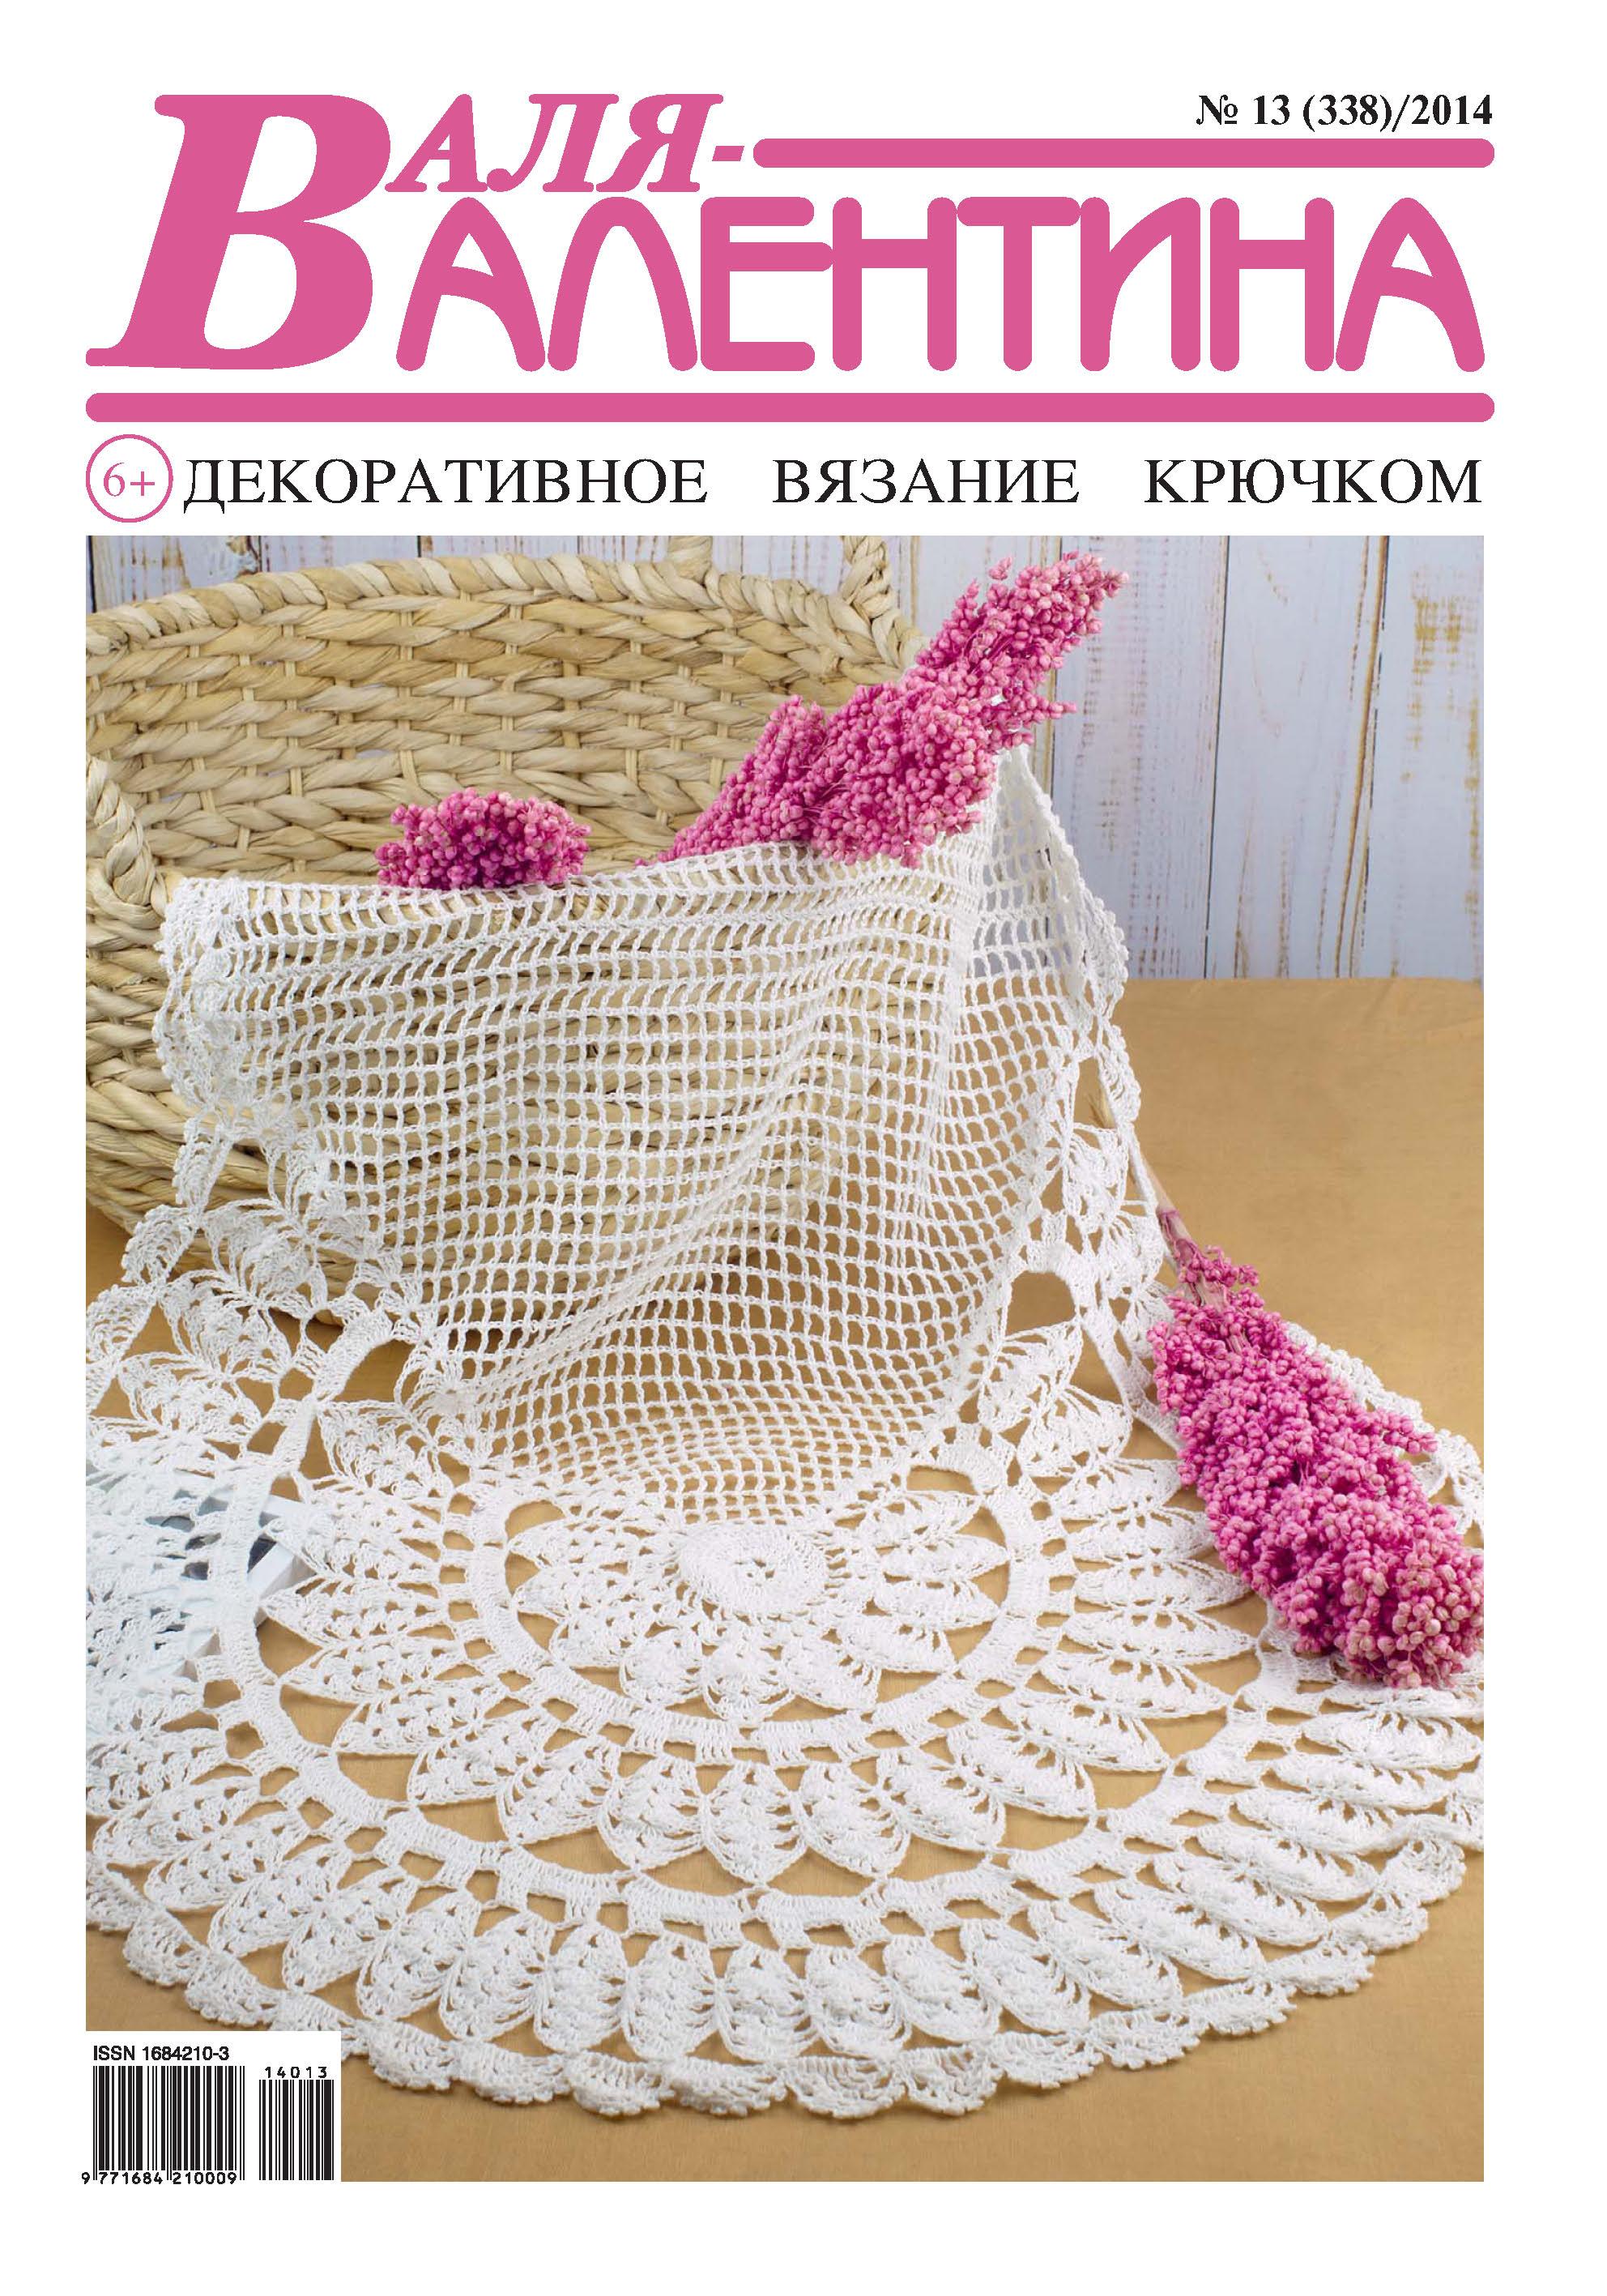 Валя-Валентина. Декоративное вязание крючком. №13/2014